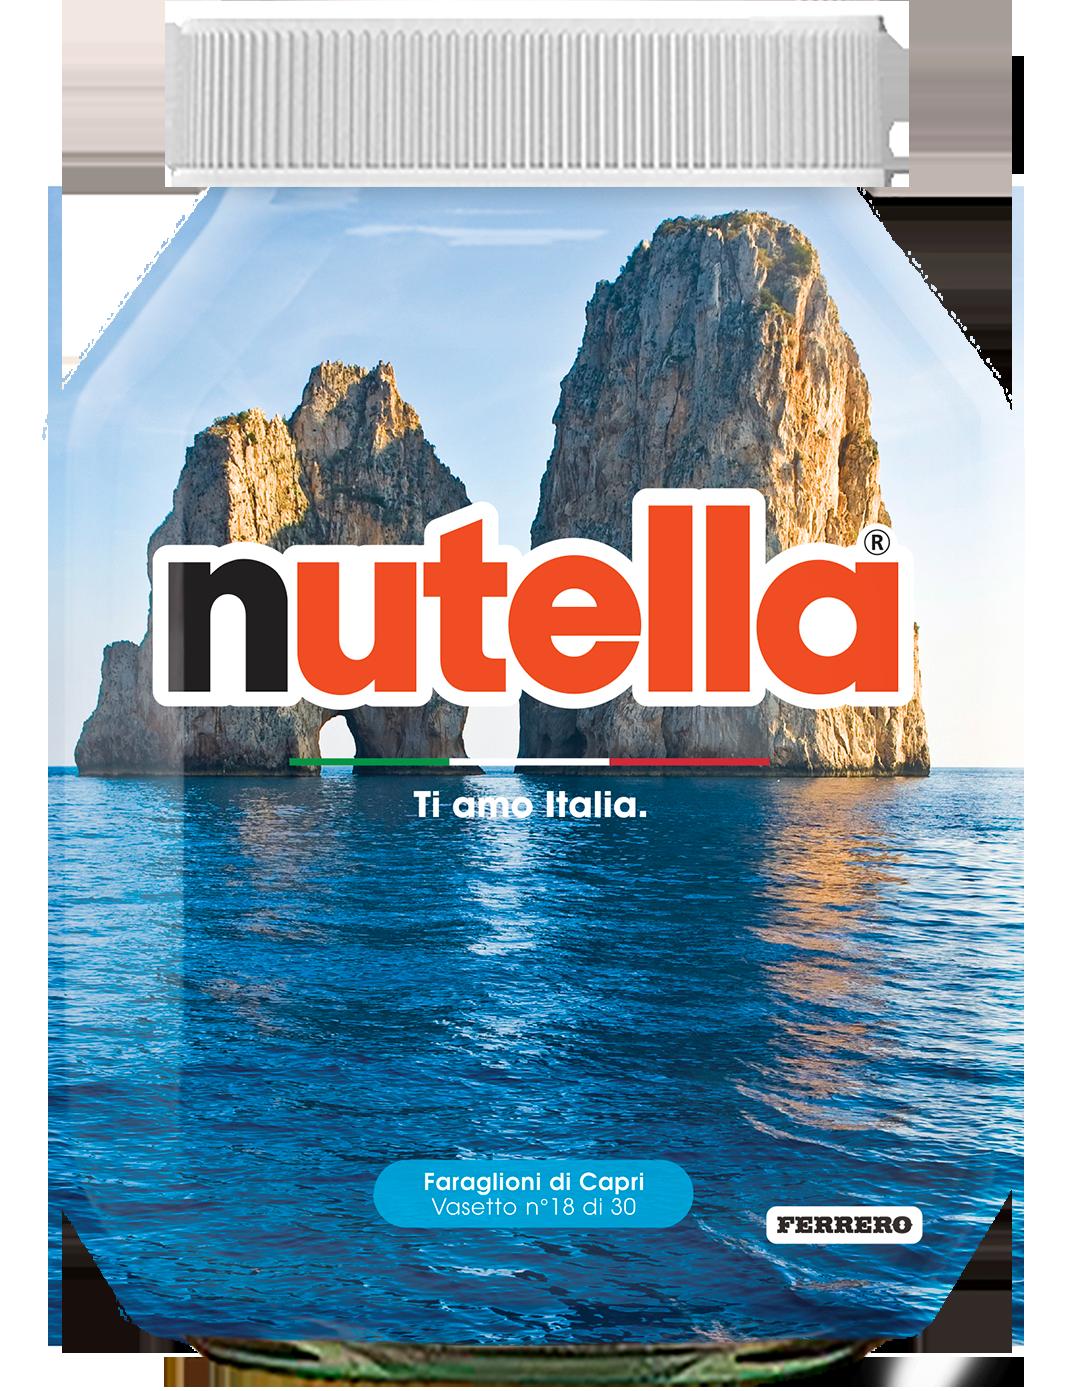 Campania - Faraglioni di Capri - i vasetti di nutella dedicati all'italia